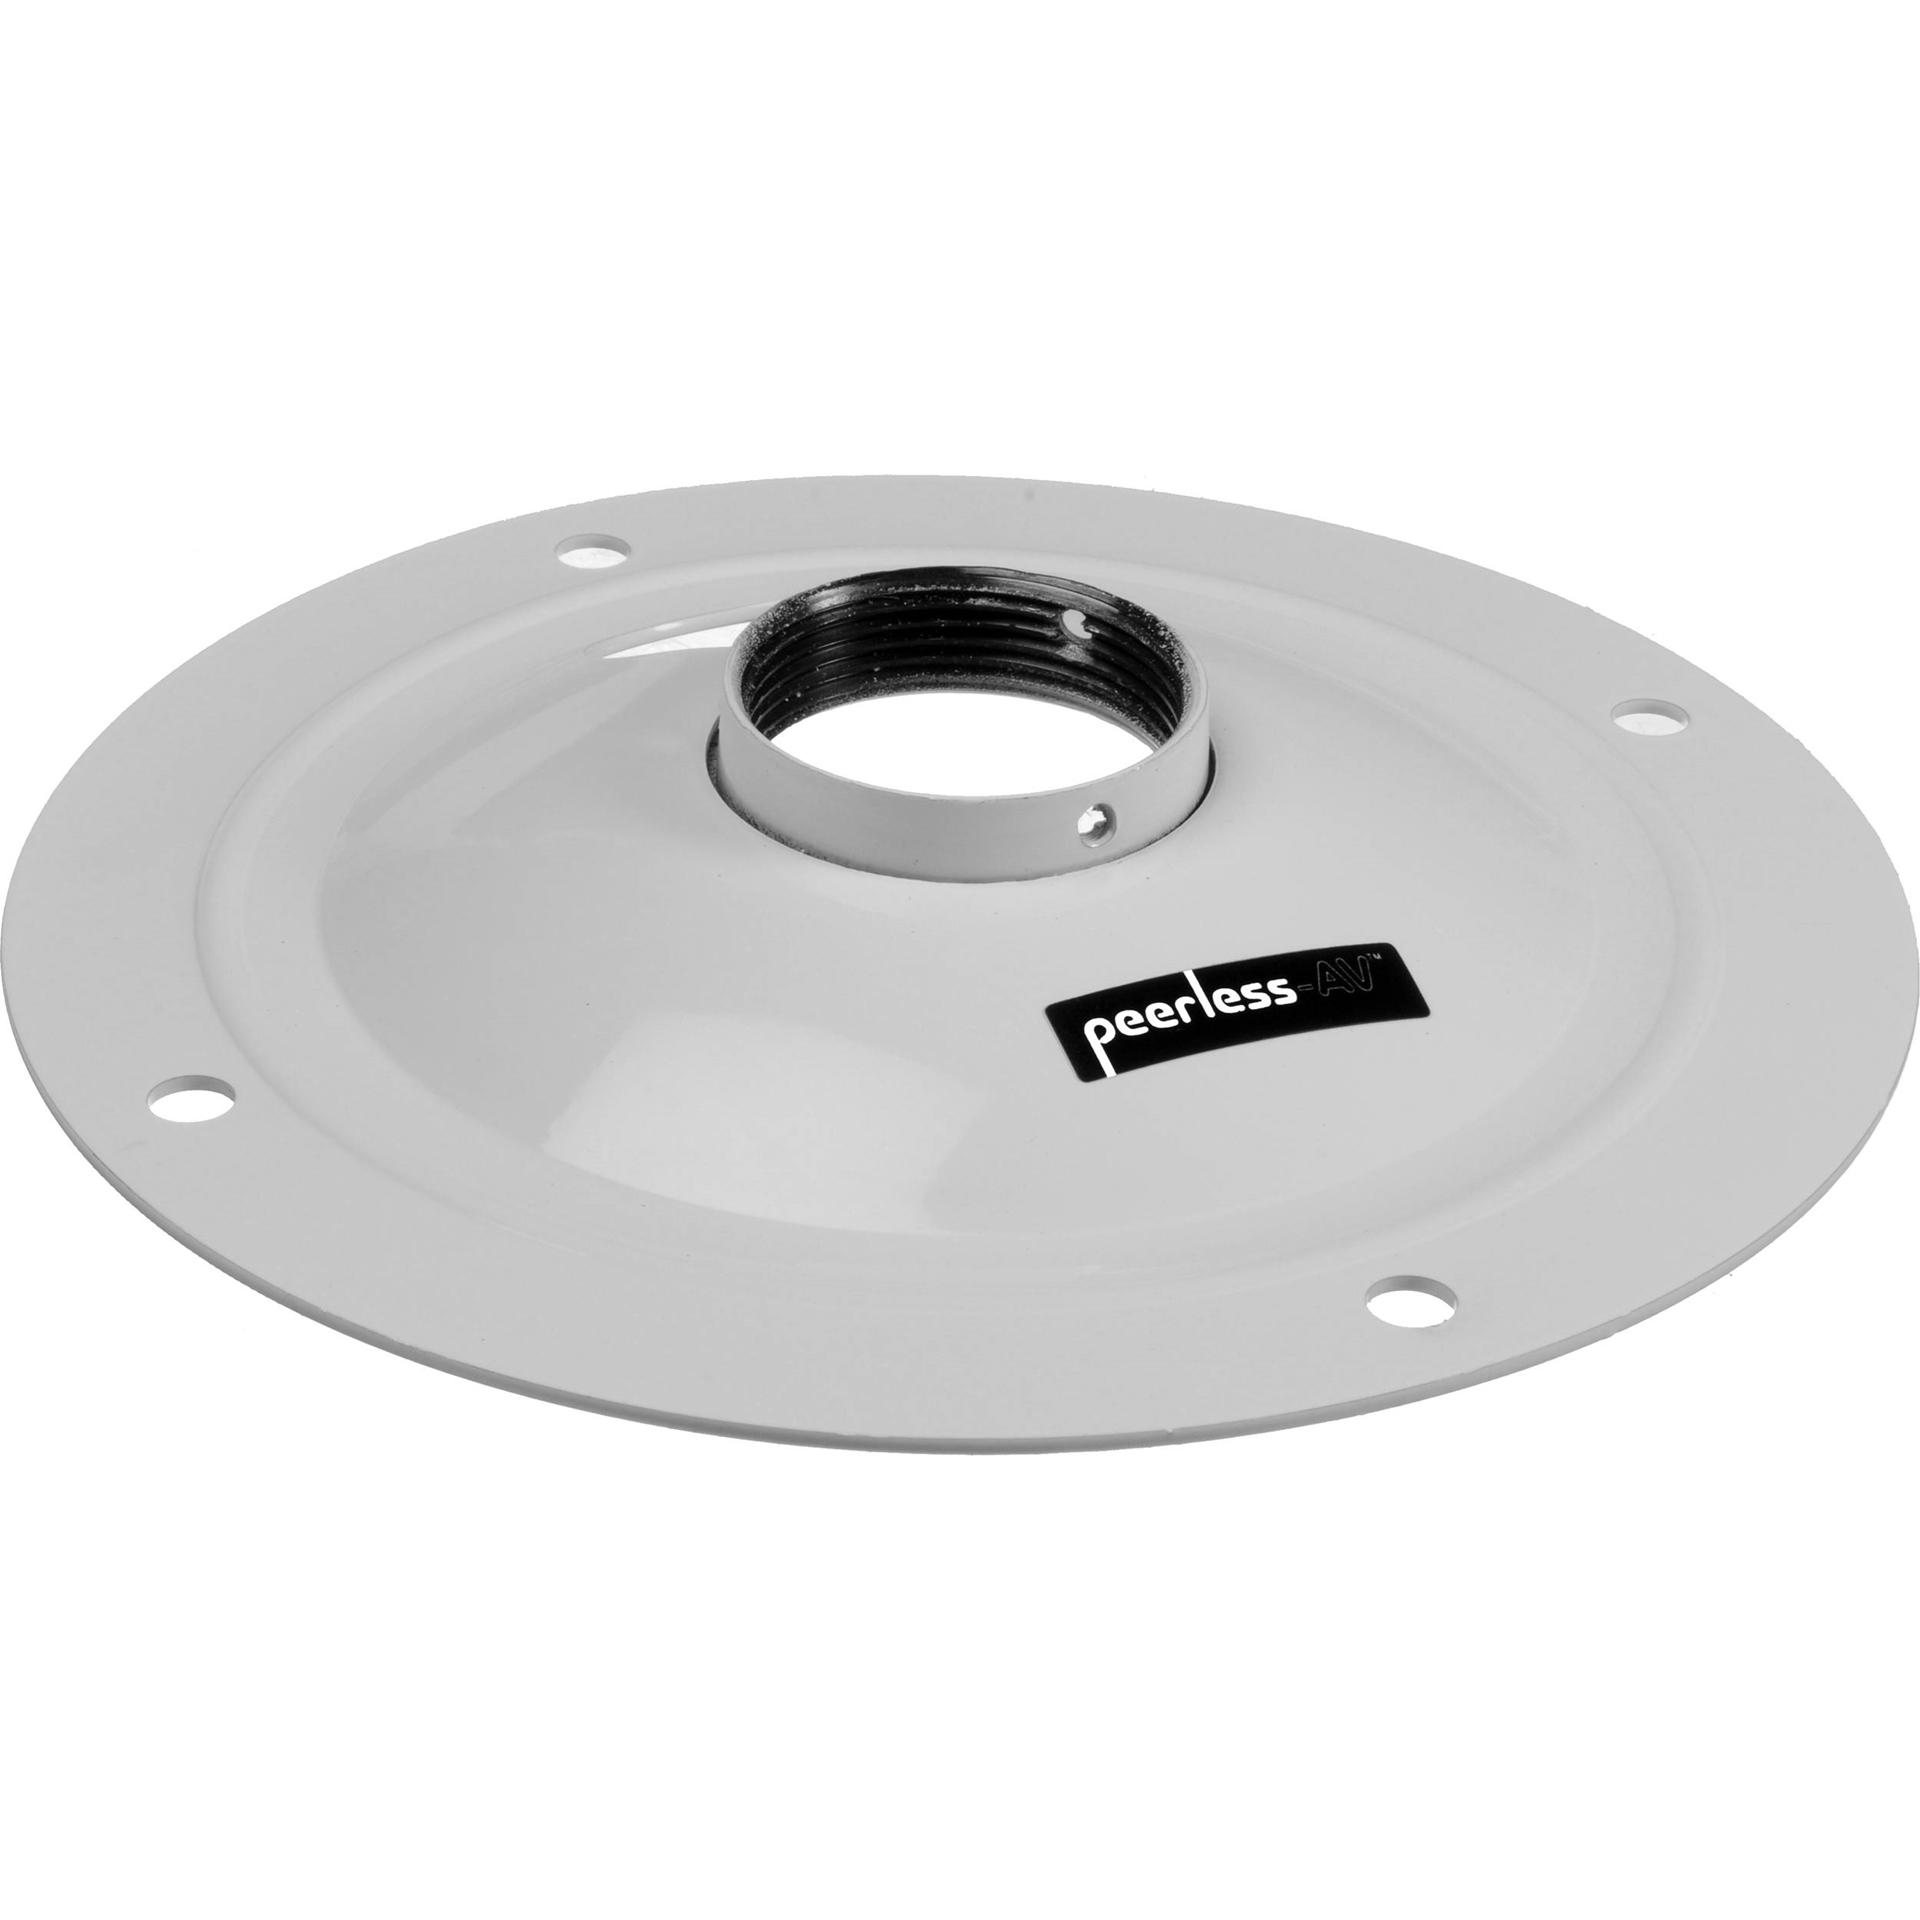 Peerless AV ACC570W - Круглый потолочный адаптер штанги 1,5'' для потолочного крепления проектора